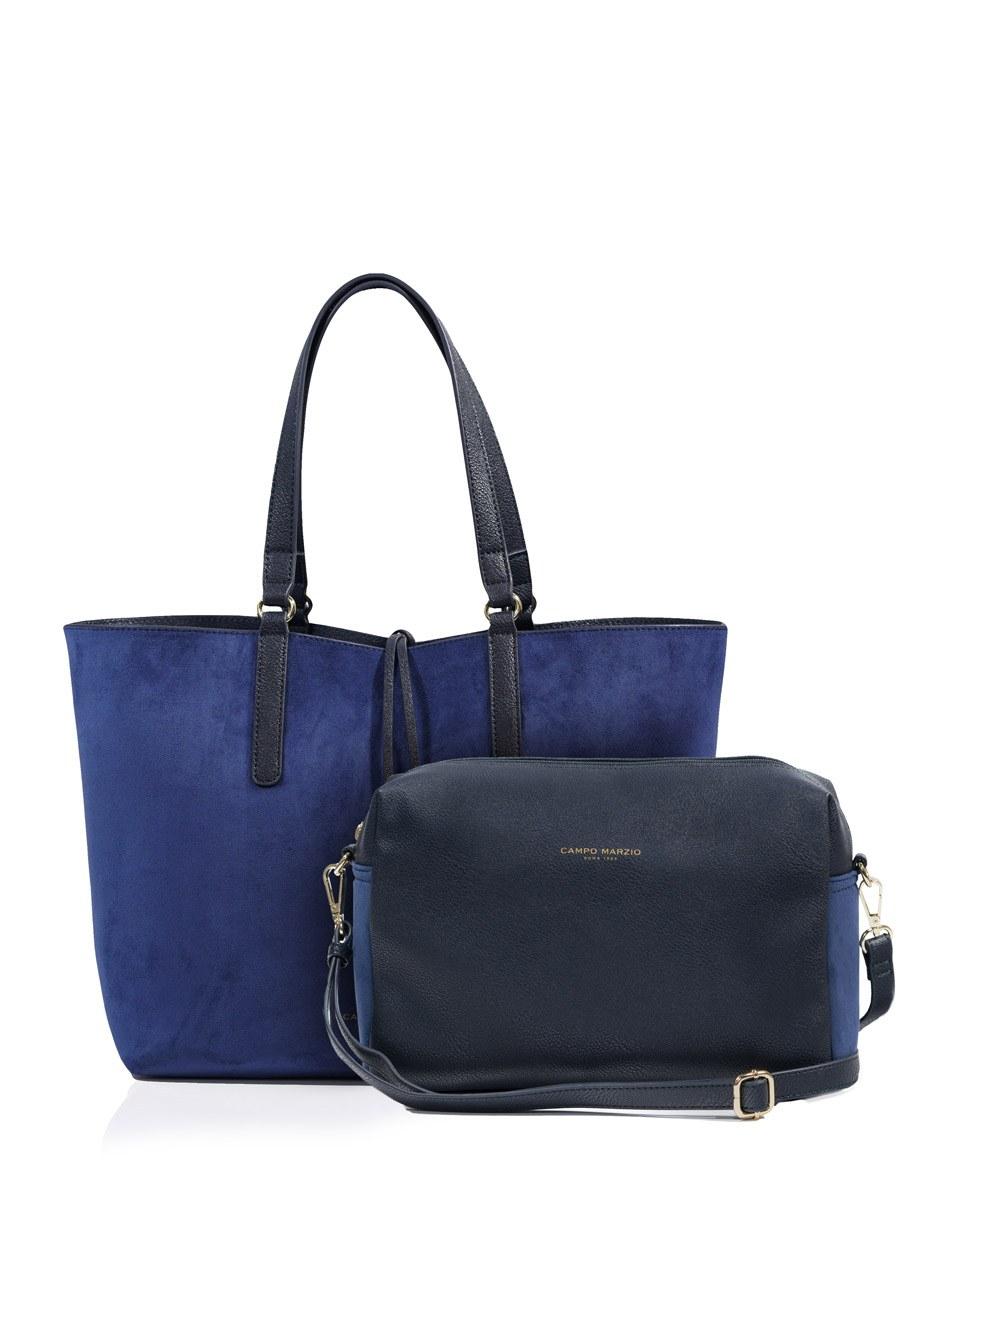 Shopping Bag Danielle - Classic Blue